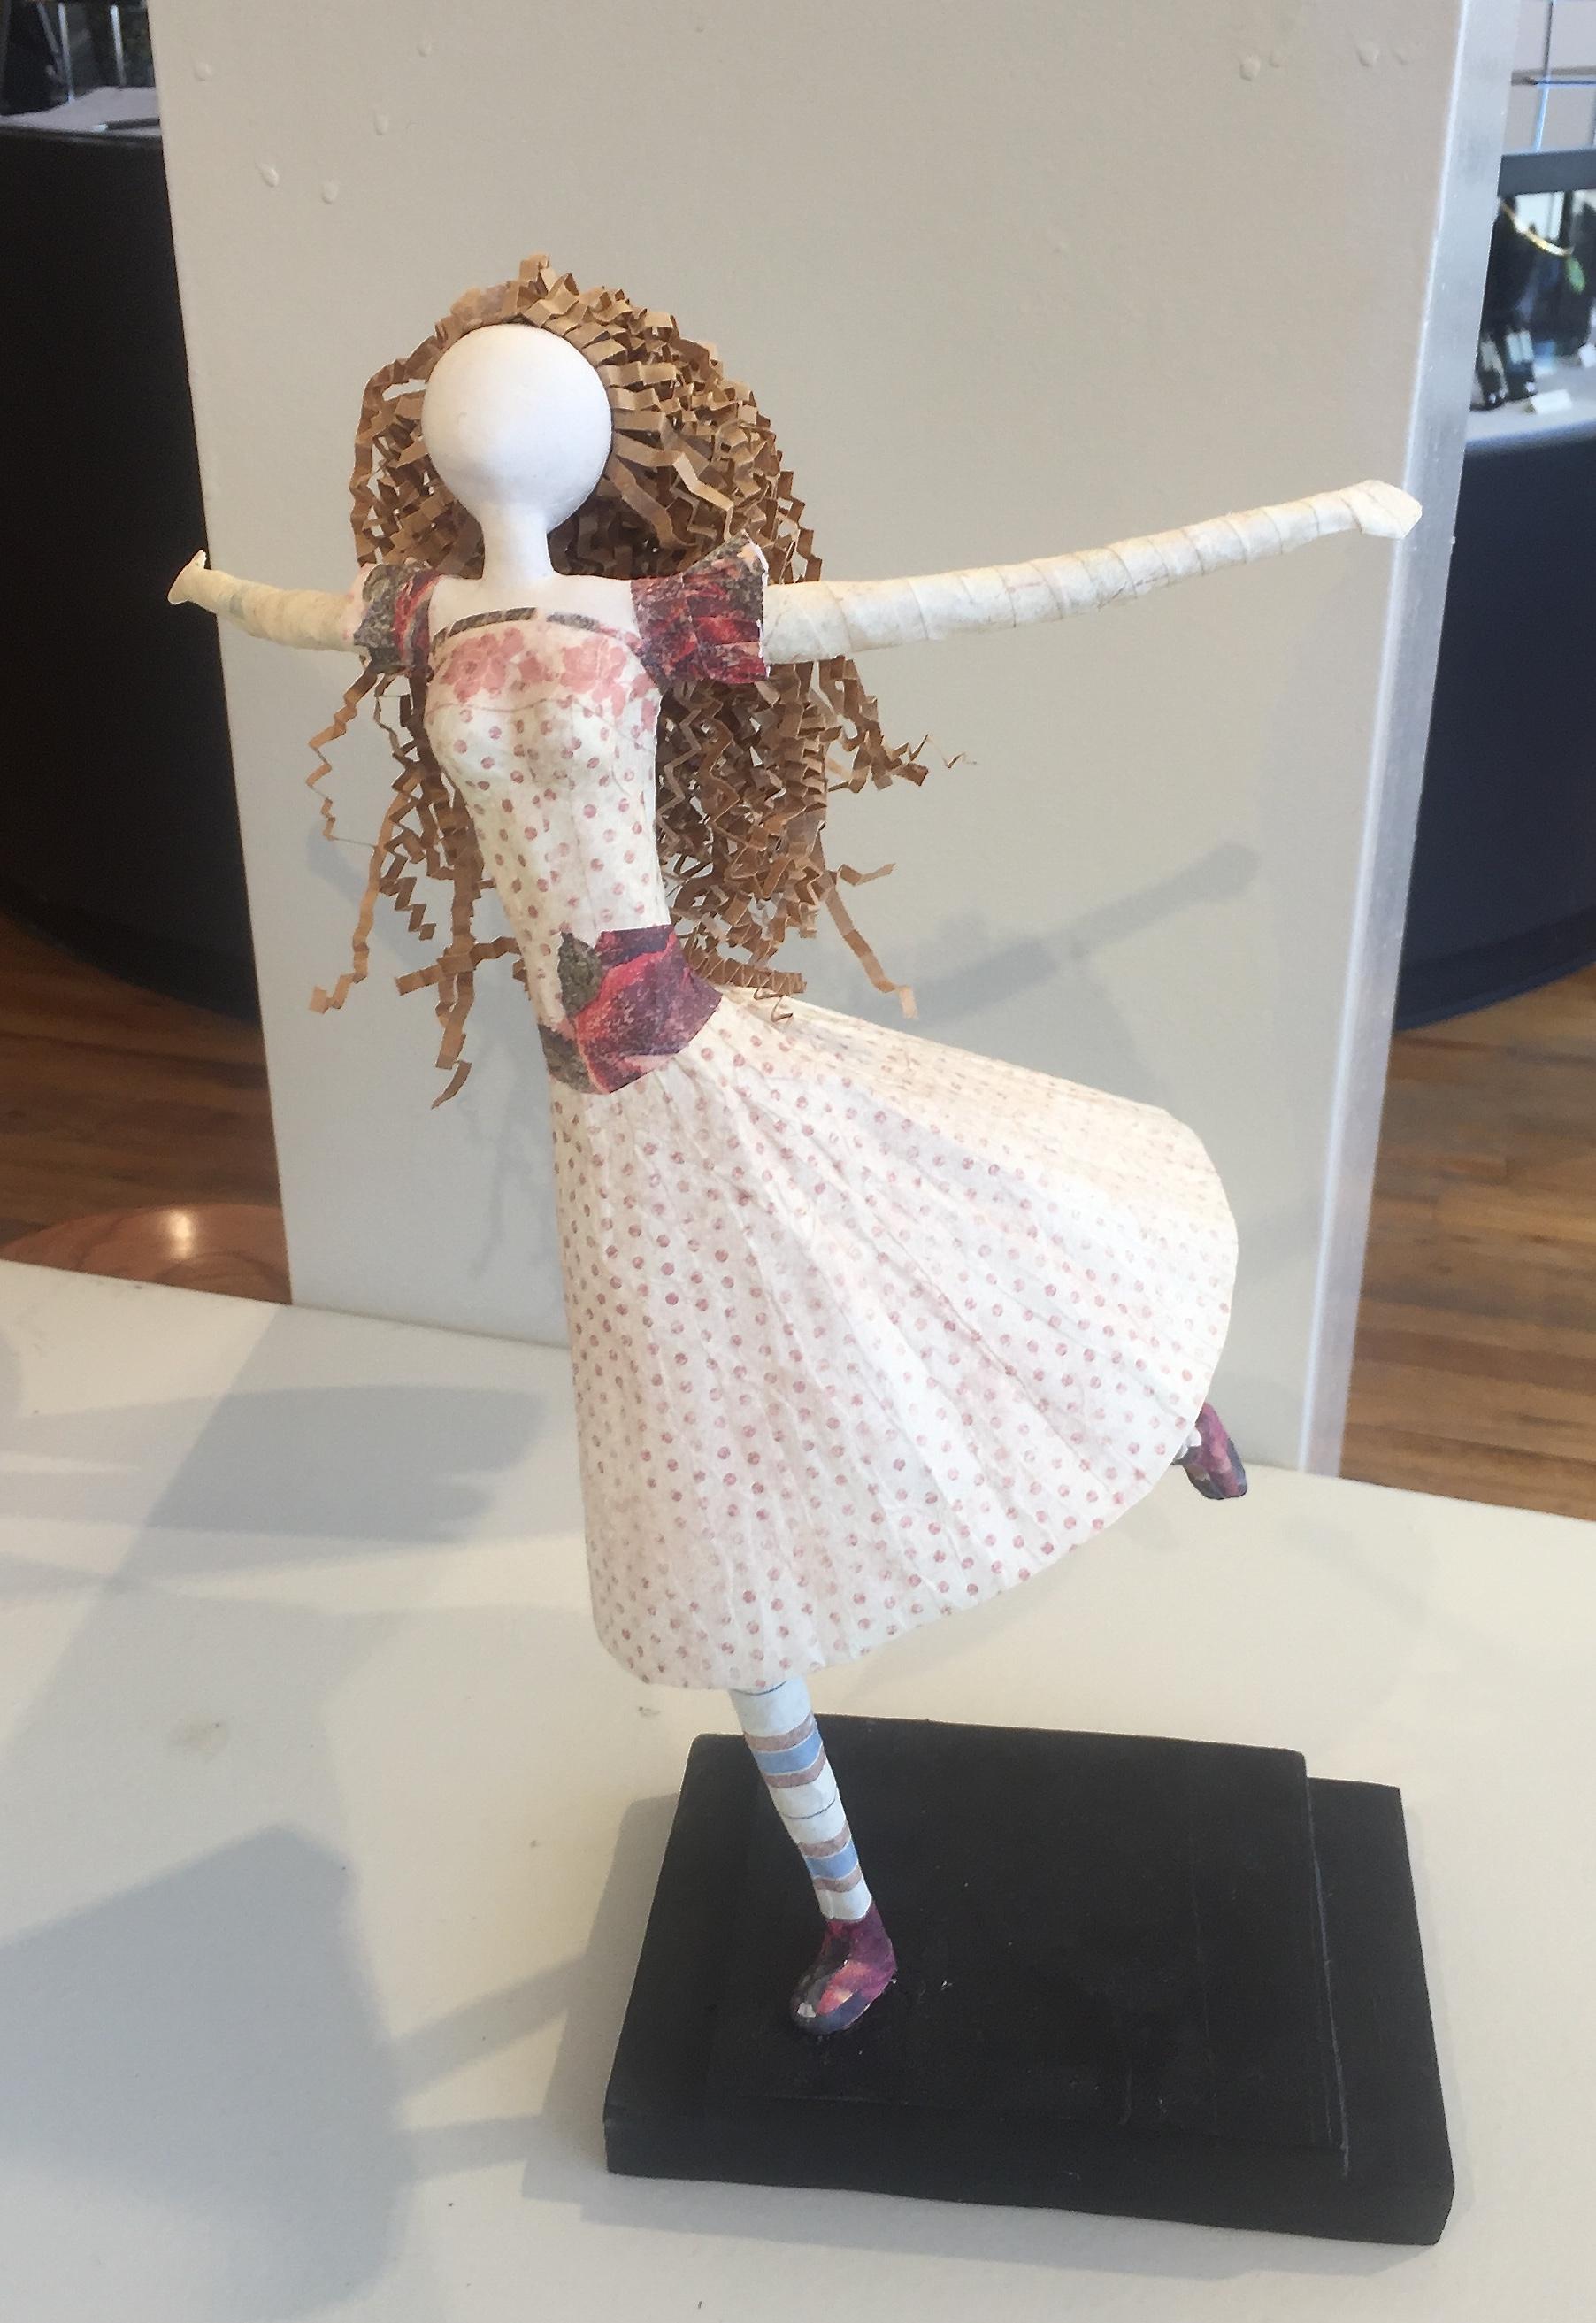 Running Free figure sculpture